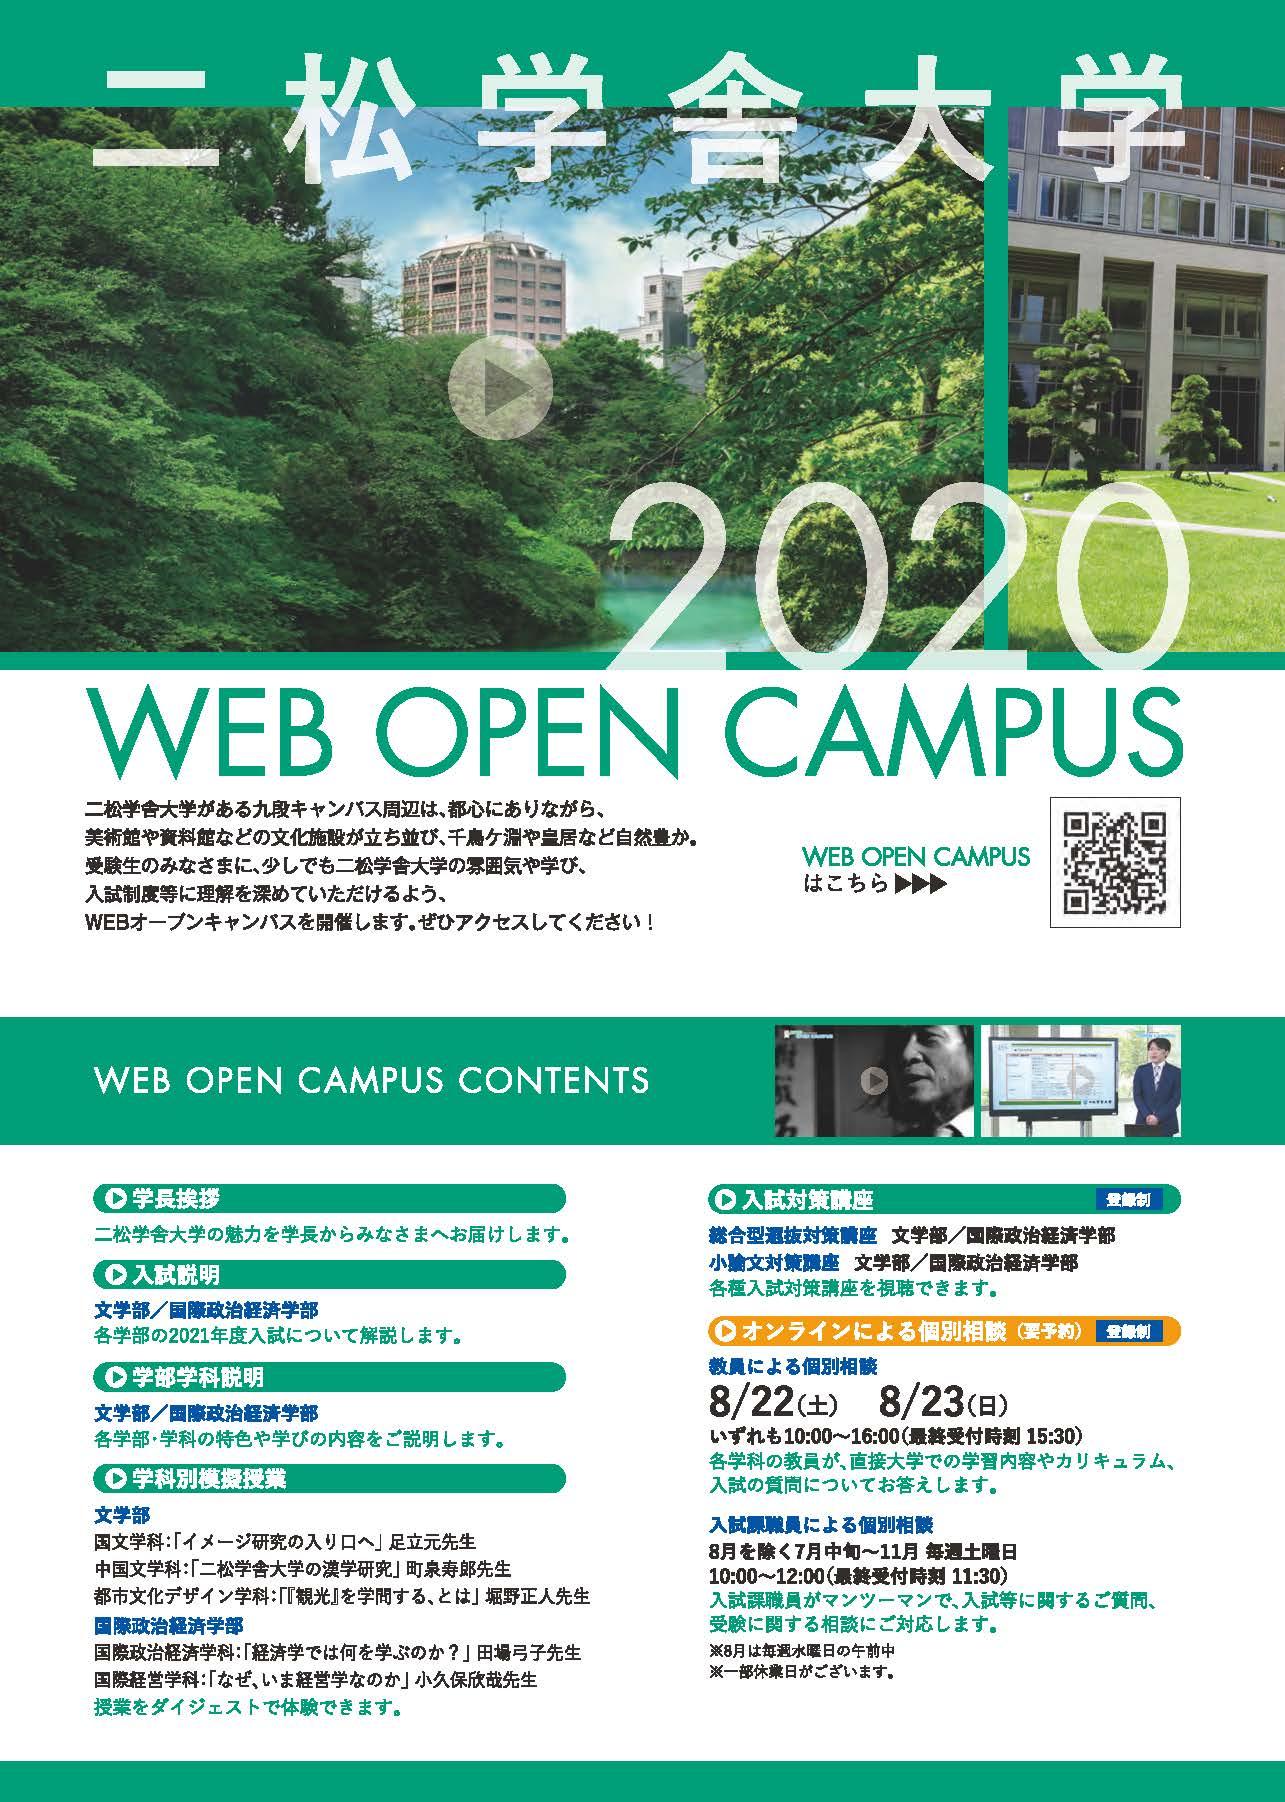 松 ライブ 学舎 二 大学 キャンパス LiveCampus Academic